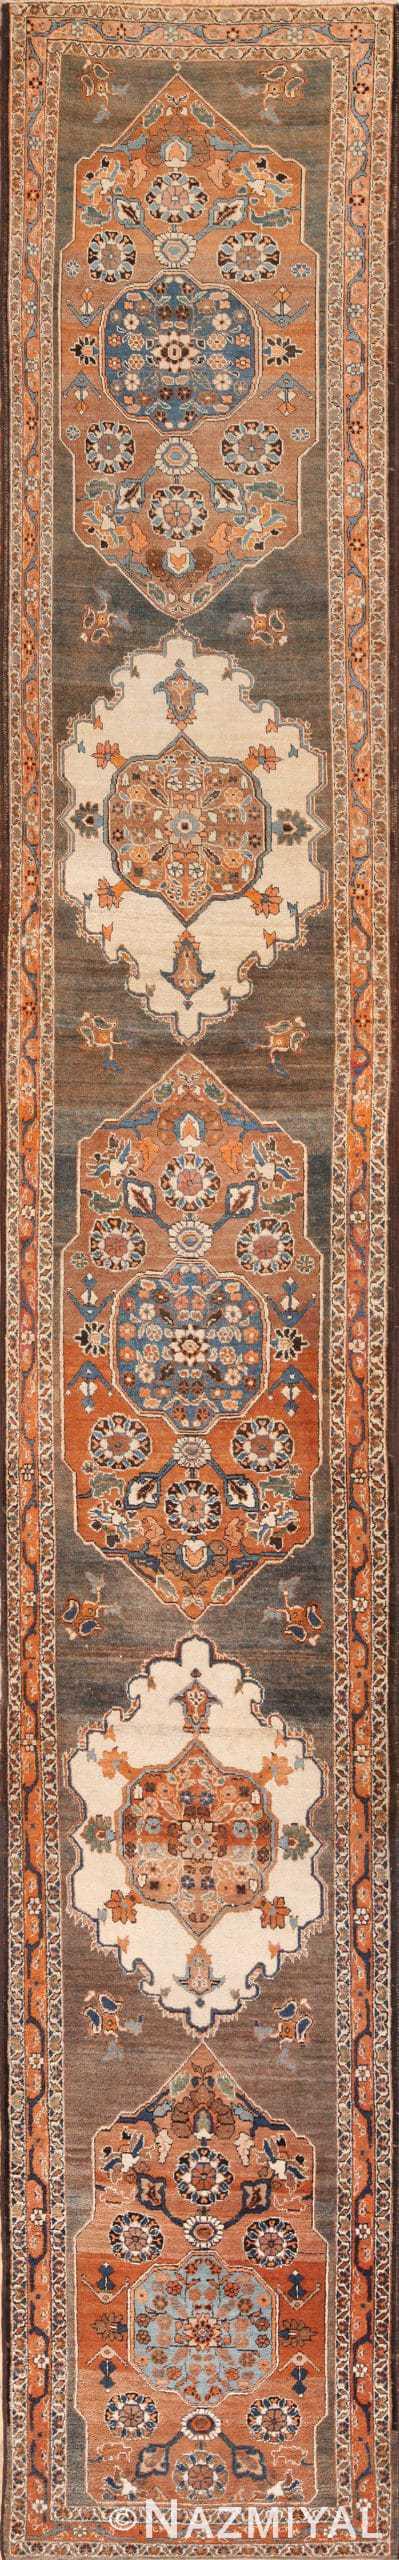 Long and Narrow Antique Persian Tabriz Runner Rug 49687 by Nazmiyal